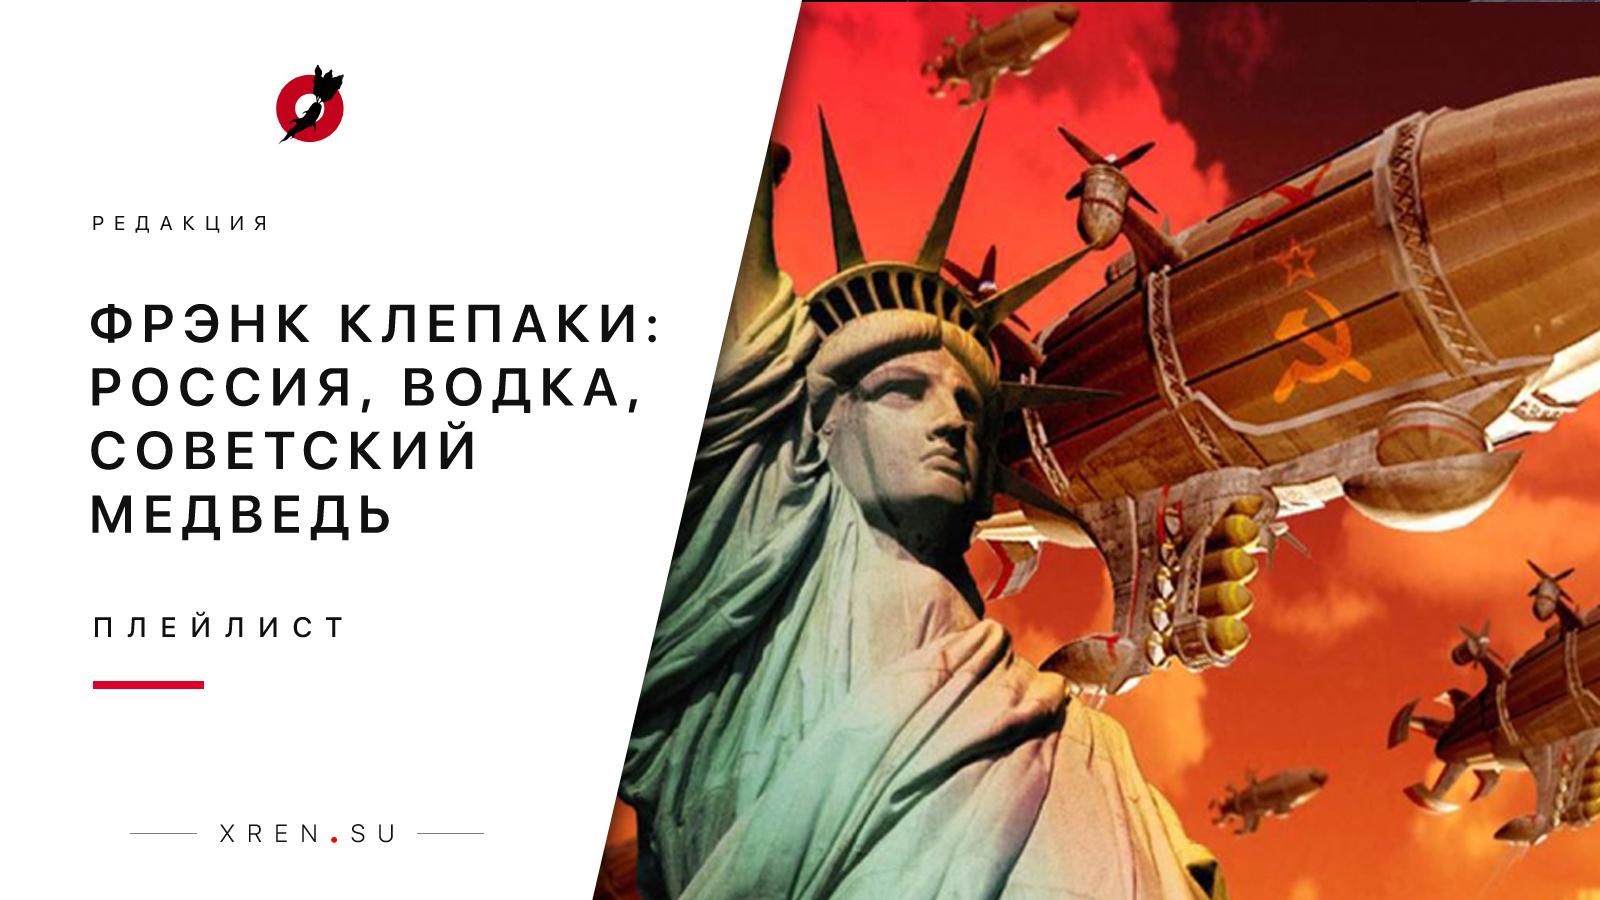 Фрэнк Клепаки: Россия, водка, советский медведь